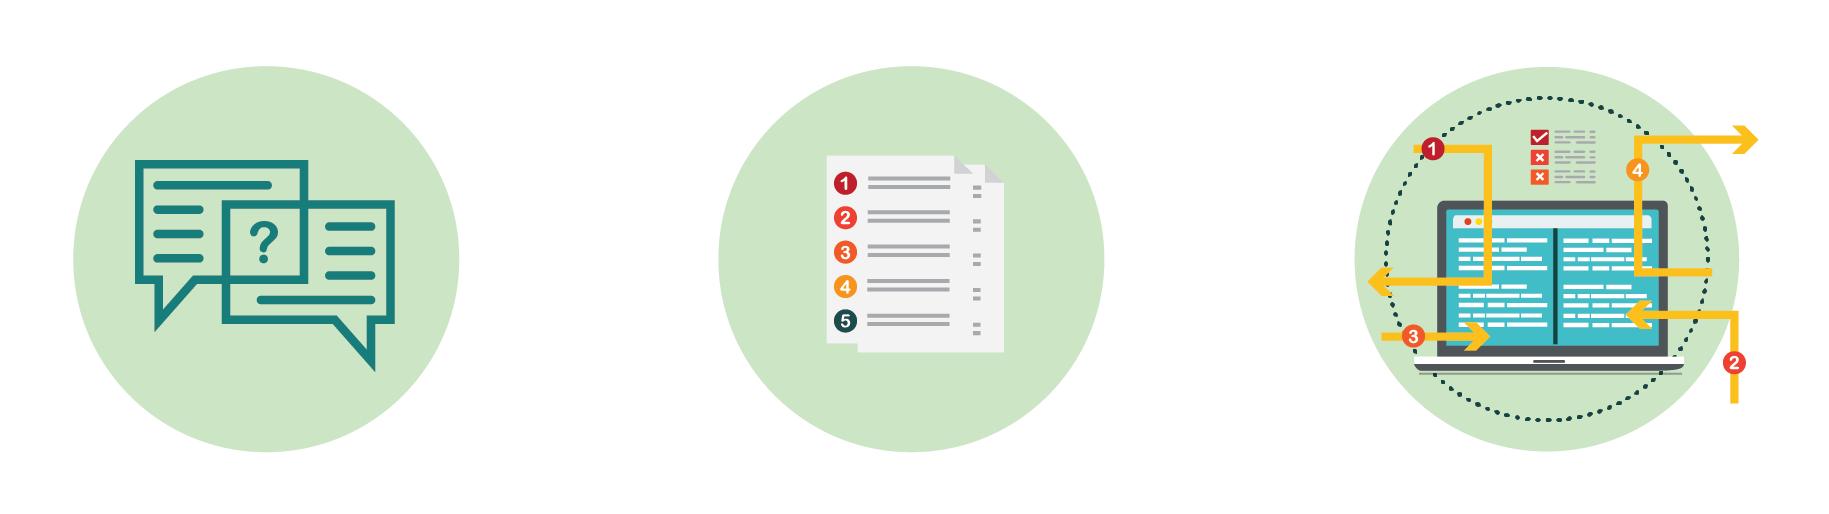 JSCM Group Business Process Review